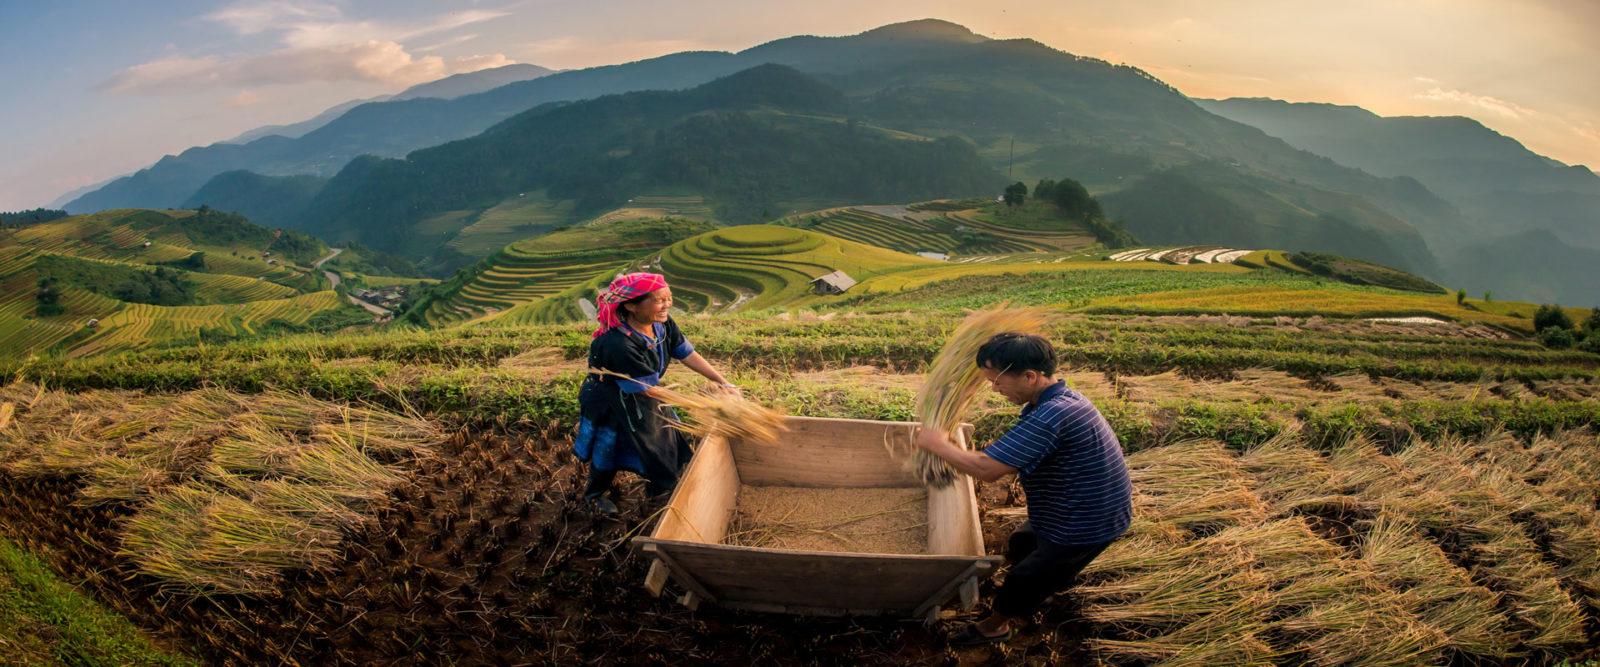 Voyage-Vietnam-8